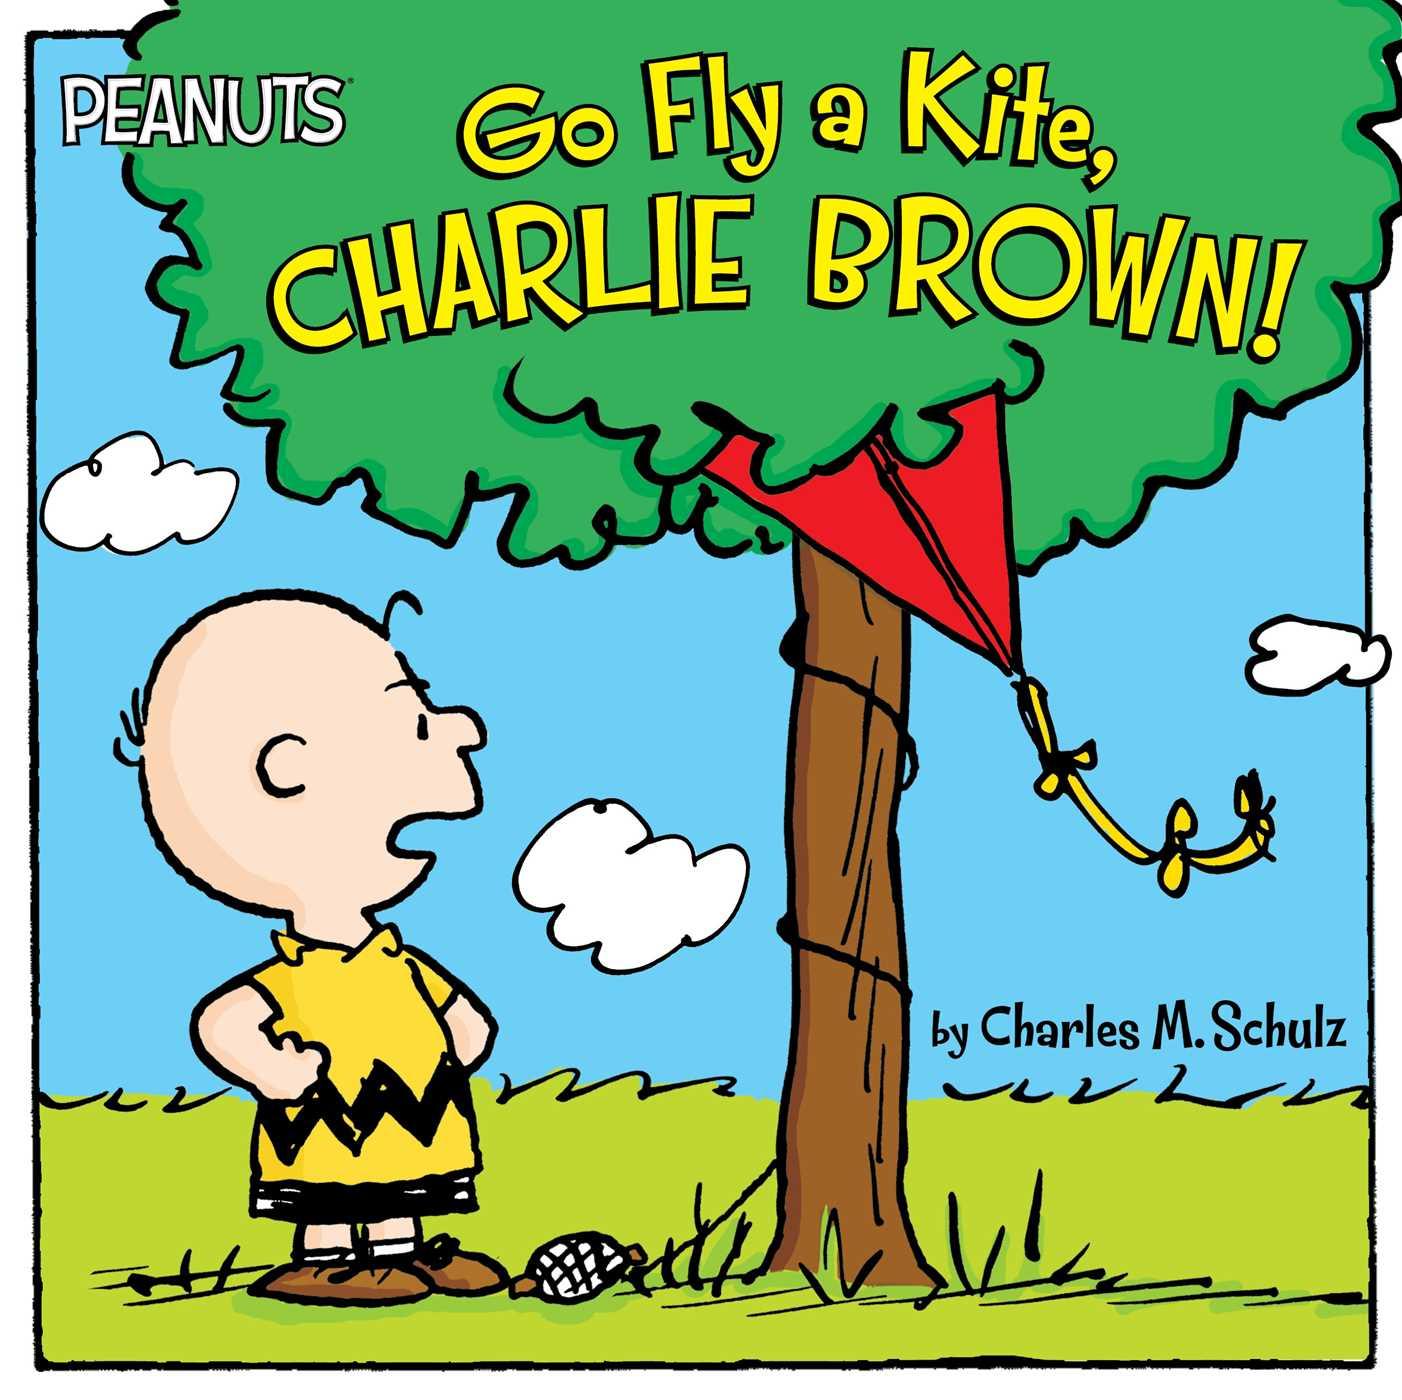 Go fly a kite charlie brown 9781481439558 hr